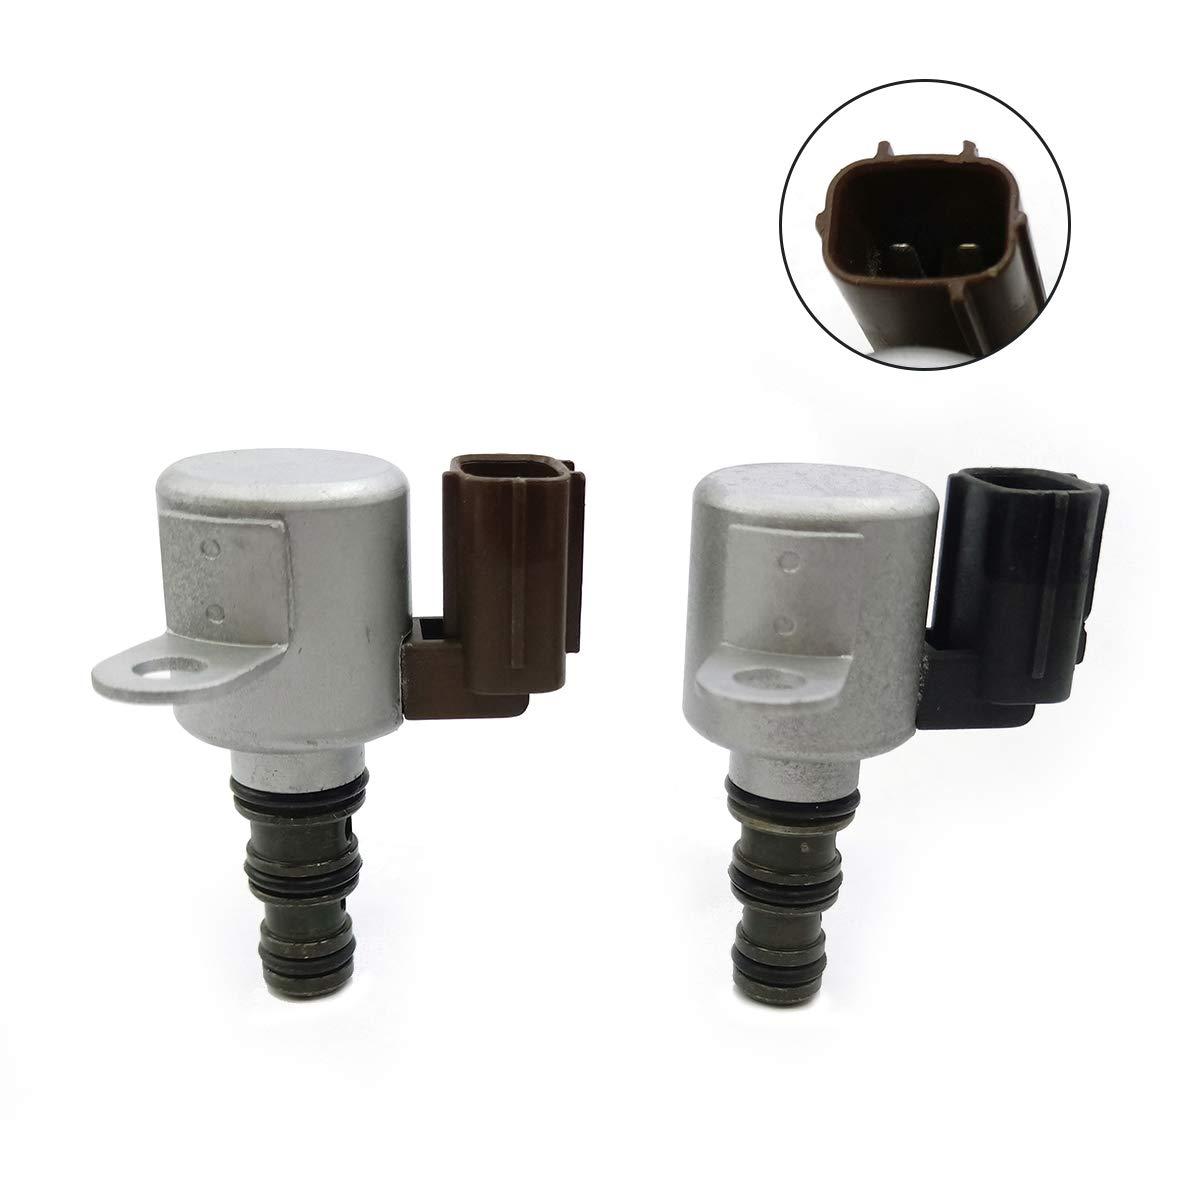 Amhousejoy Transmission Shift Solenoid Kit Fits 1998-2007 Honda Acura, 28400-P6H-003 28400-P6H-013 28500-P6H-003 28500-P6H-013, B&C Brown & Black